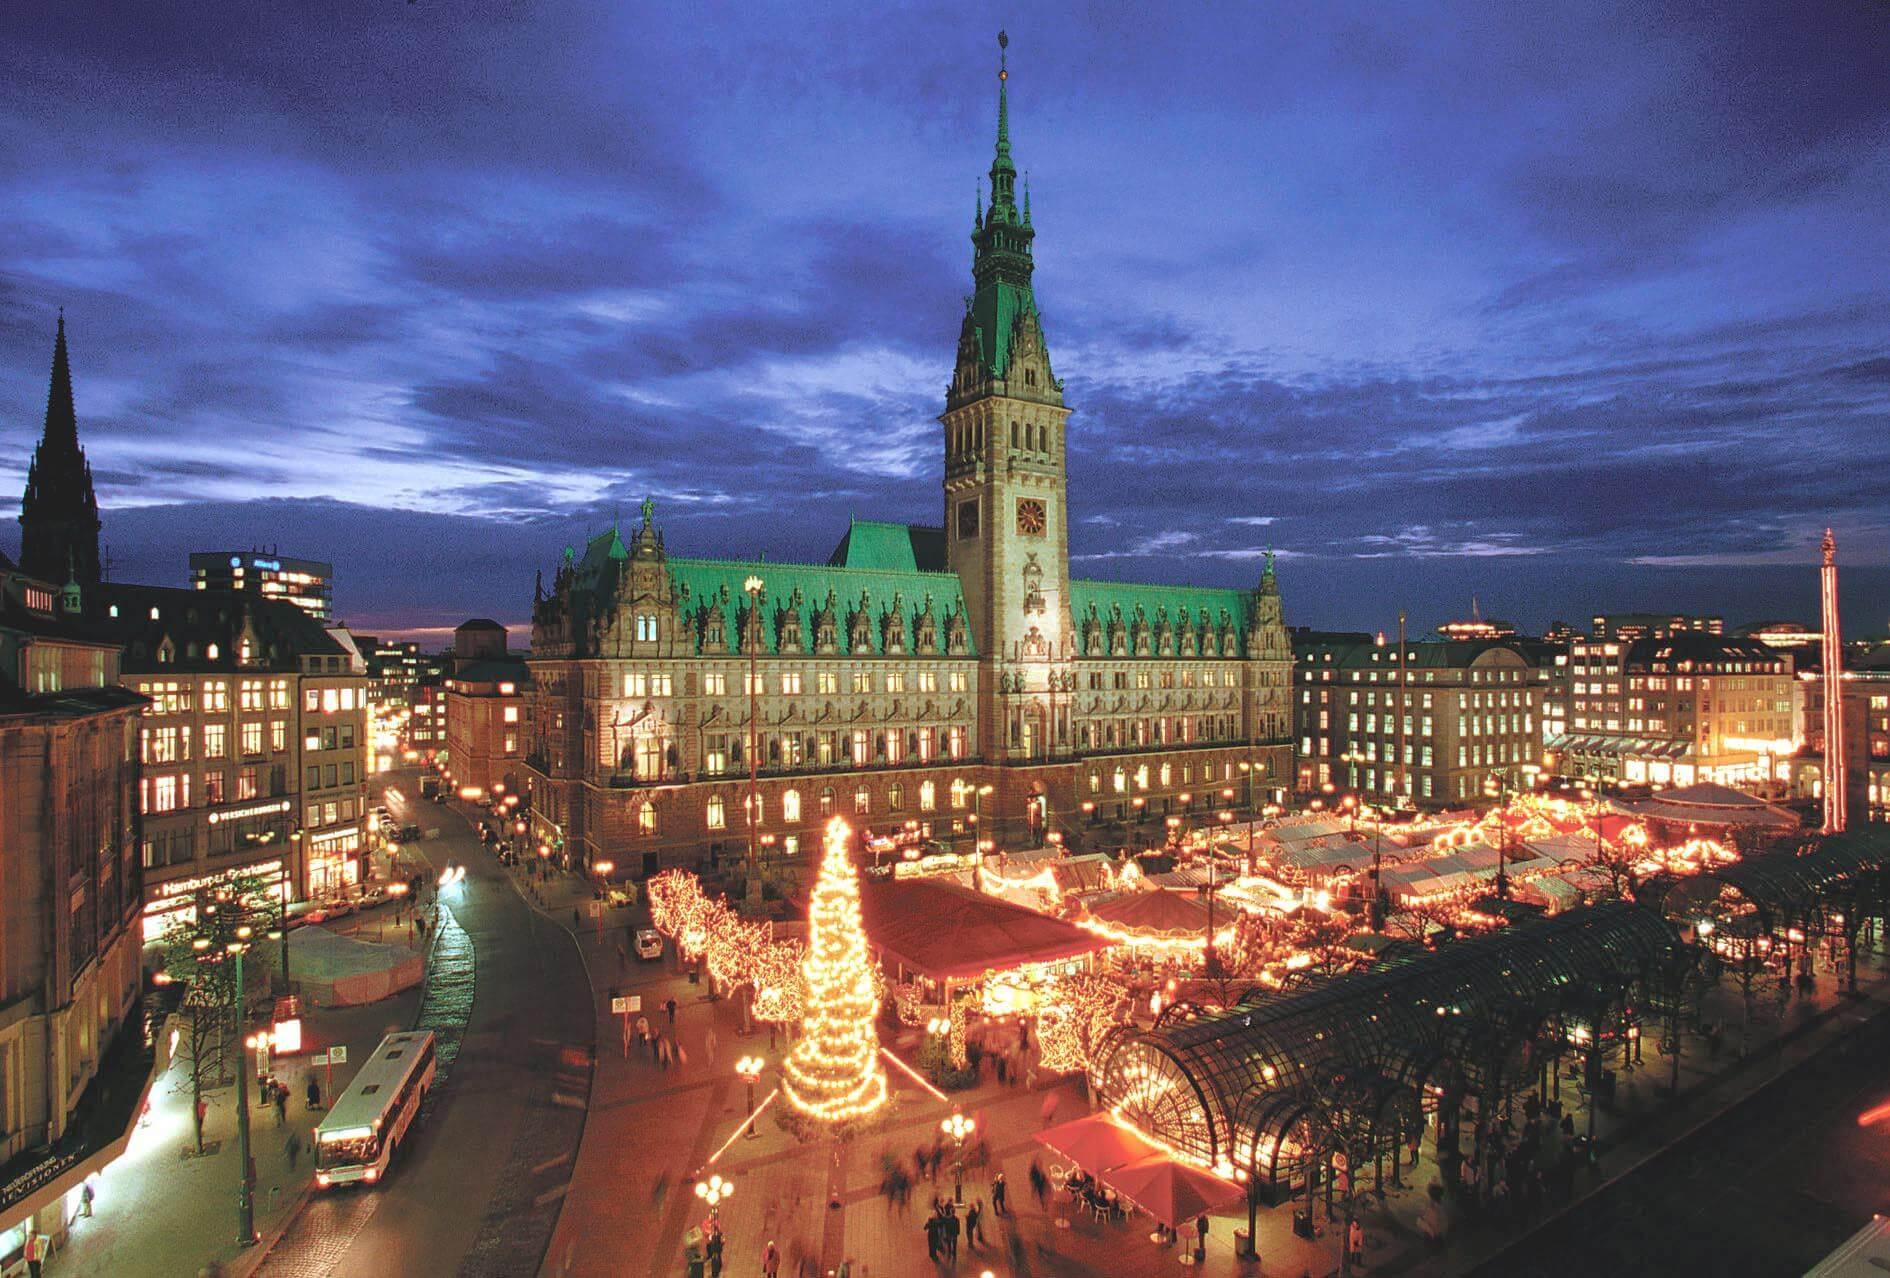 Hamburger Weihnachtsmarkt.Du Willst Die Volle Ladung Weihnachtsstimmung Dann Solltest Du